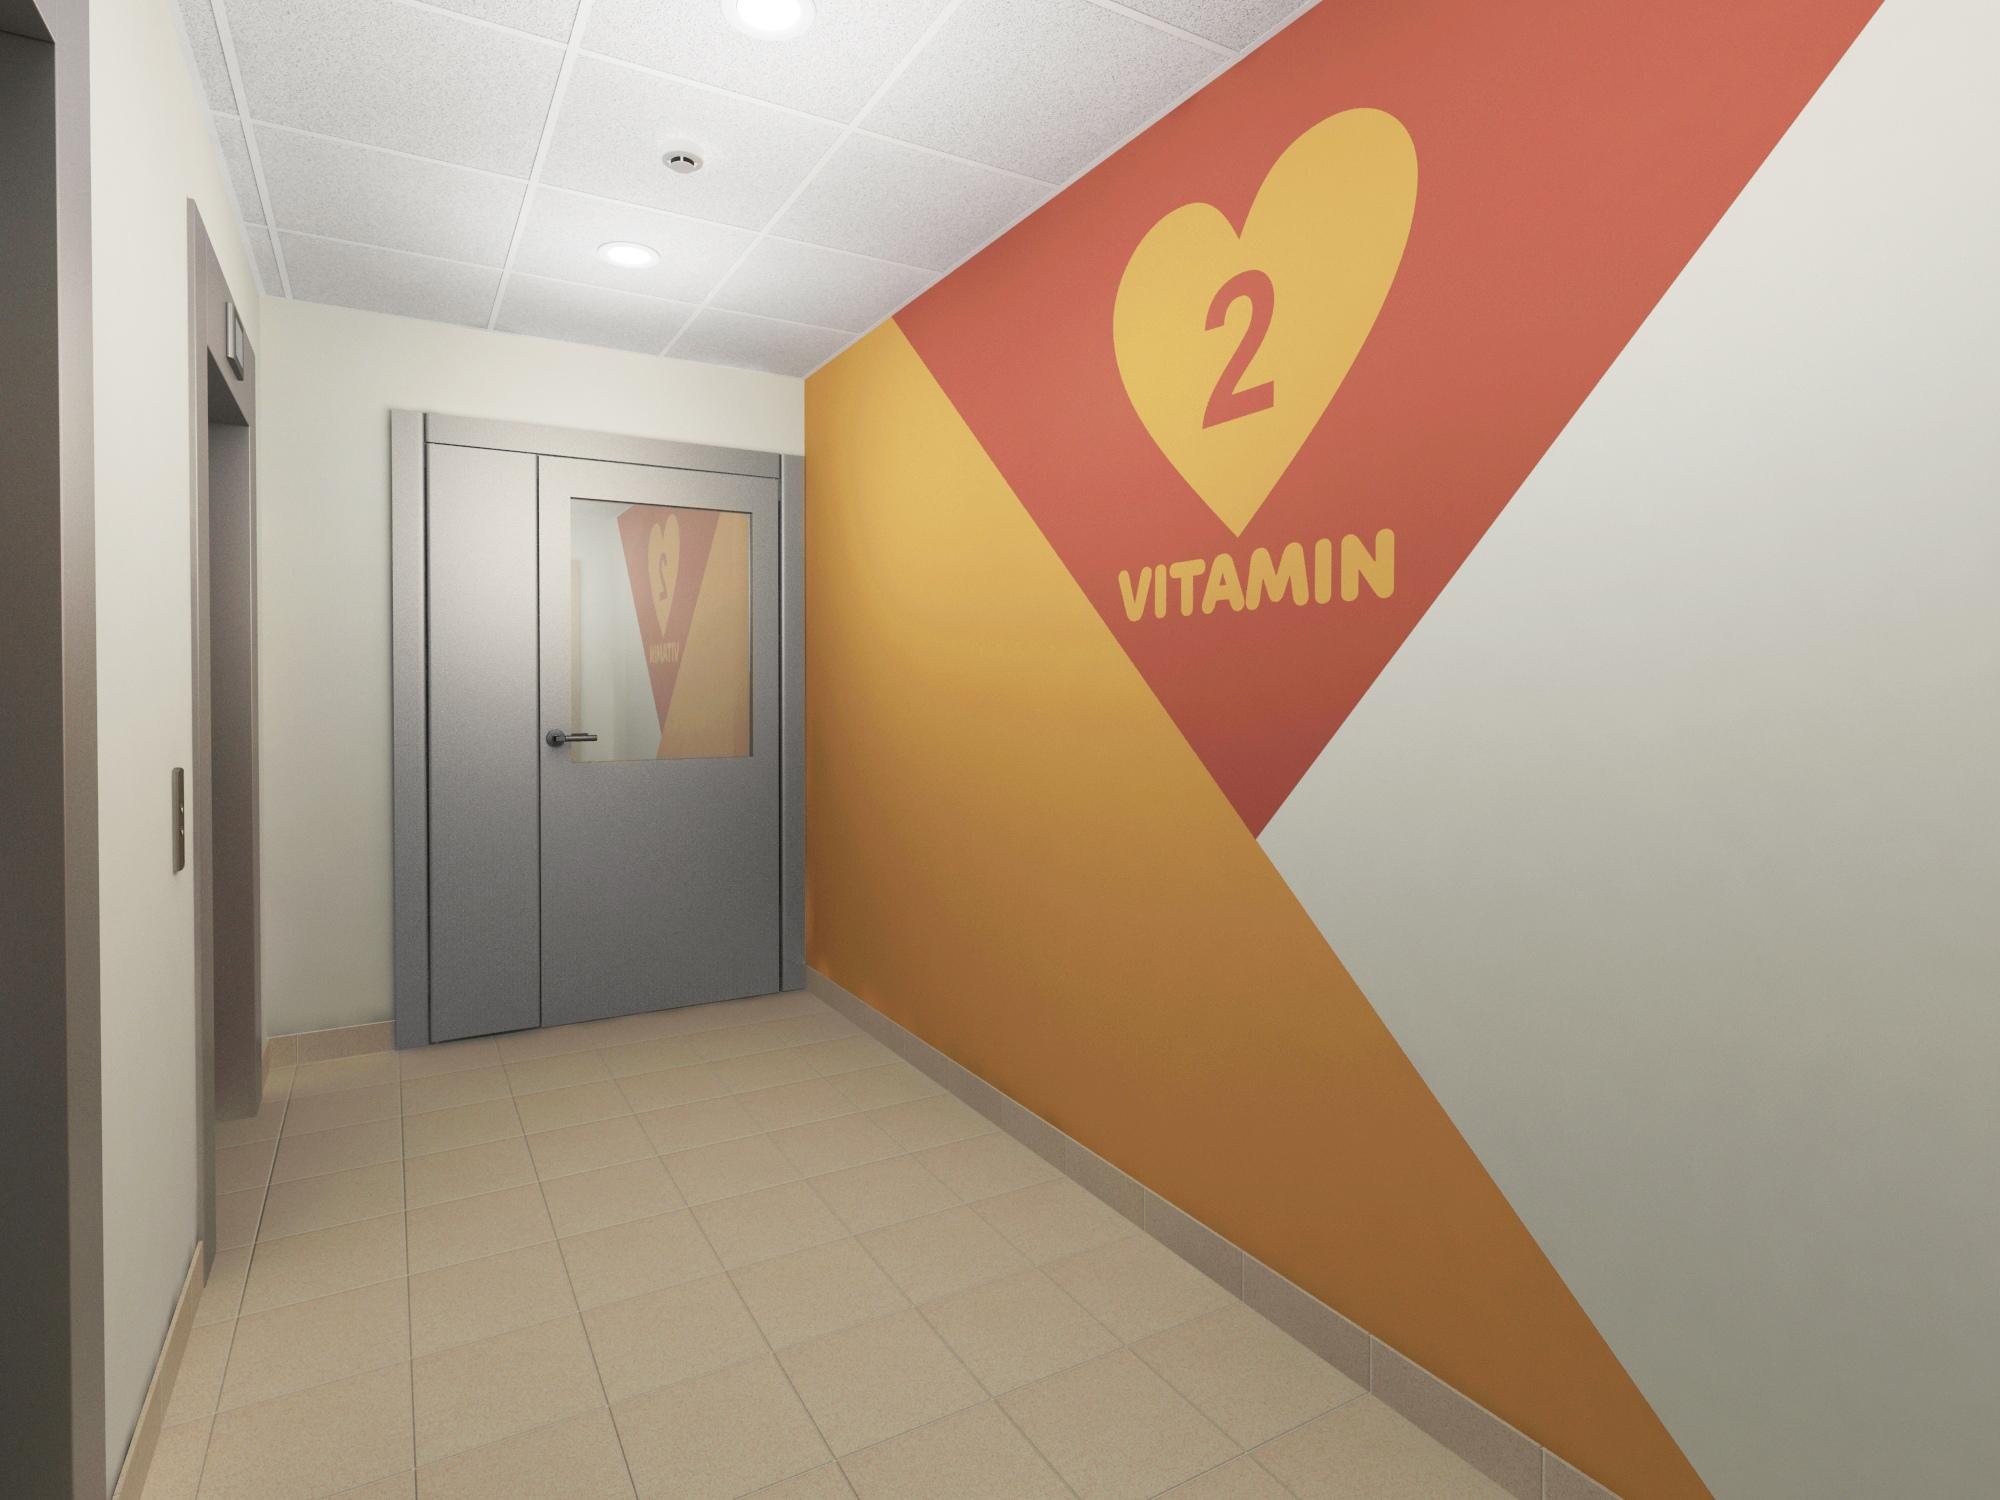 78a8941d2dbd ЖК VITAMIN: представляем дизайн мест общего пользования на типовых этажах